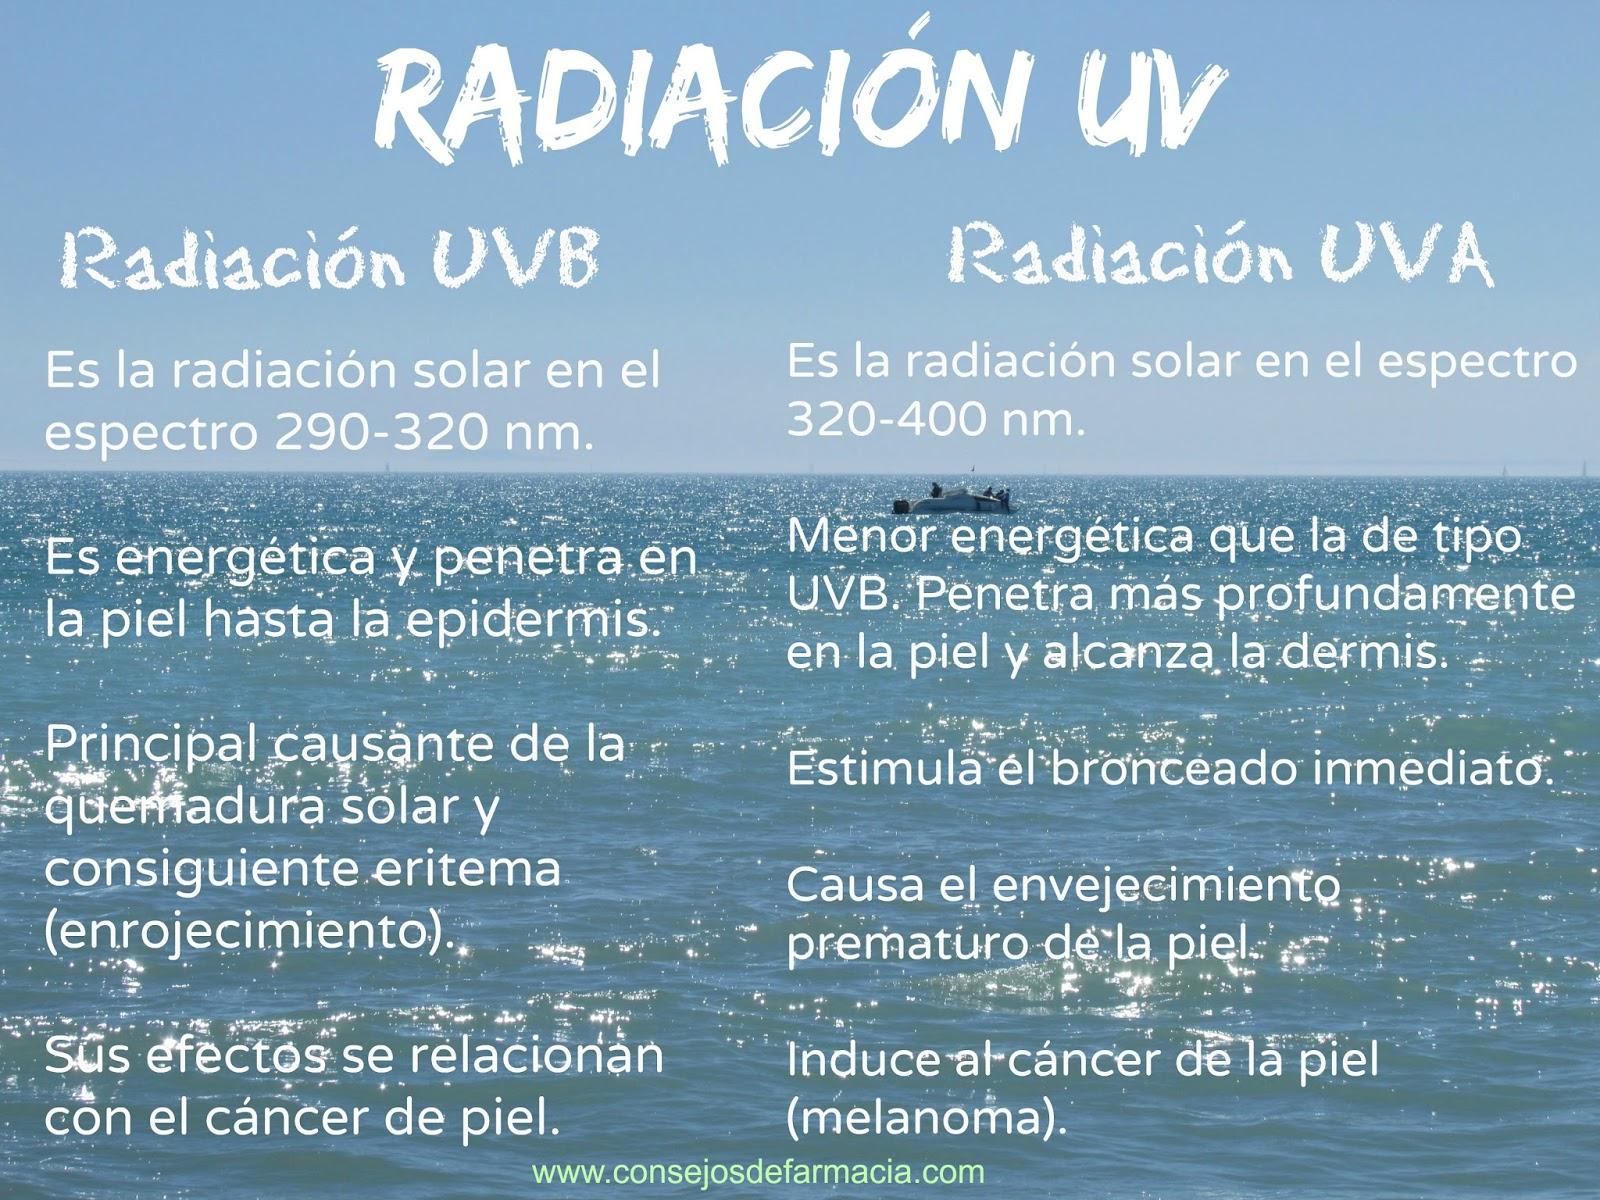 Radiación UV y tipos: UVA y UVB